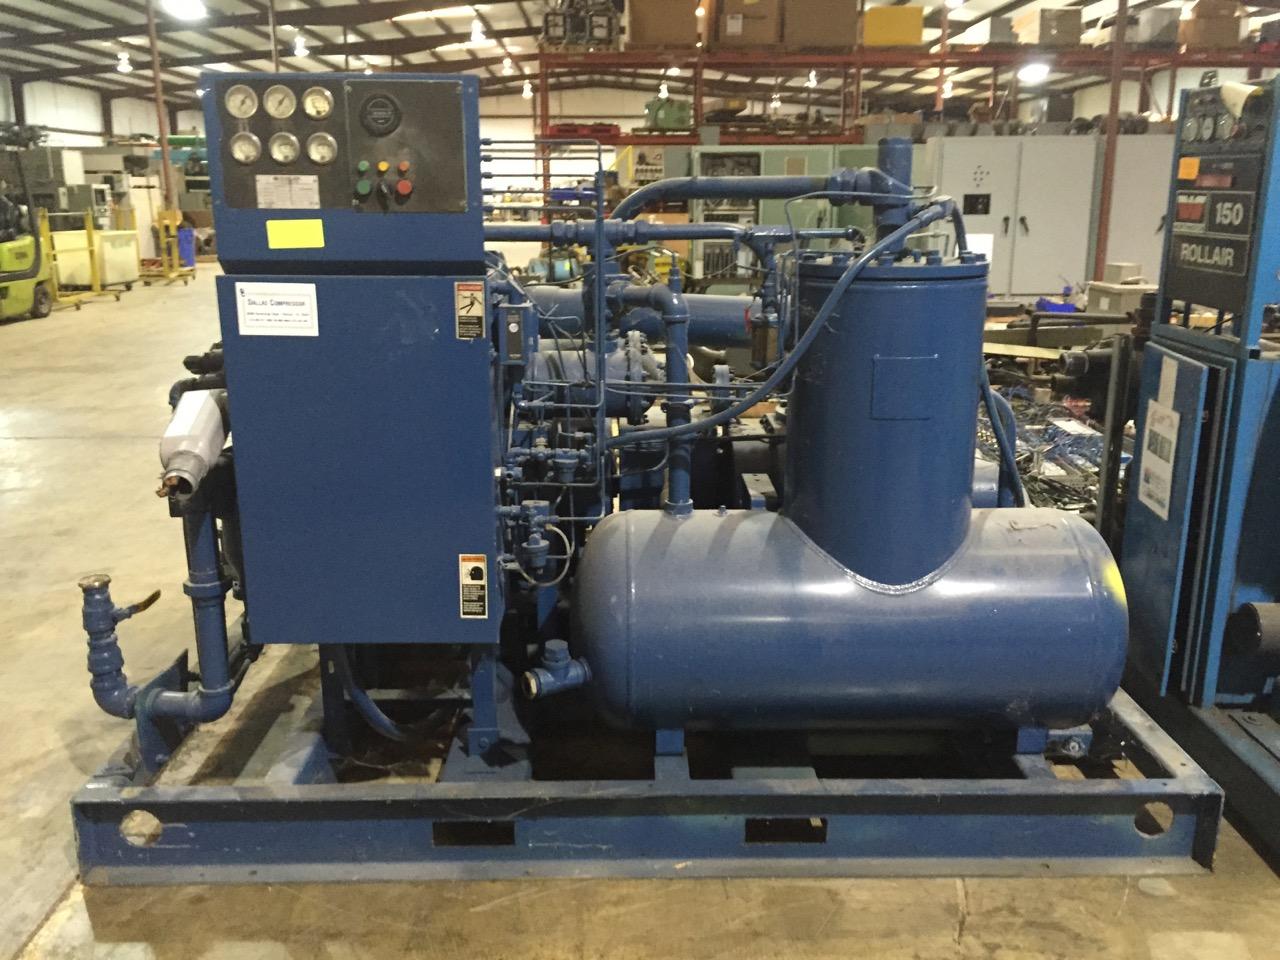 Sullair Model LS20-100- H Low Pressure Air Compressor